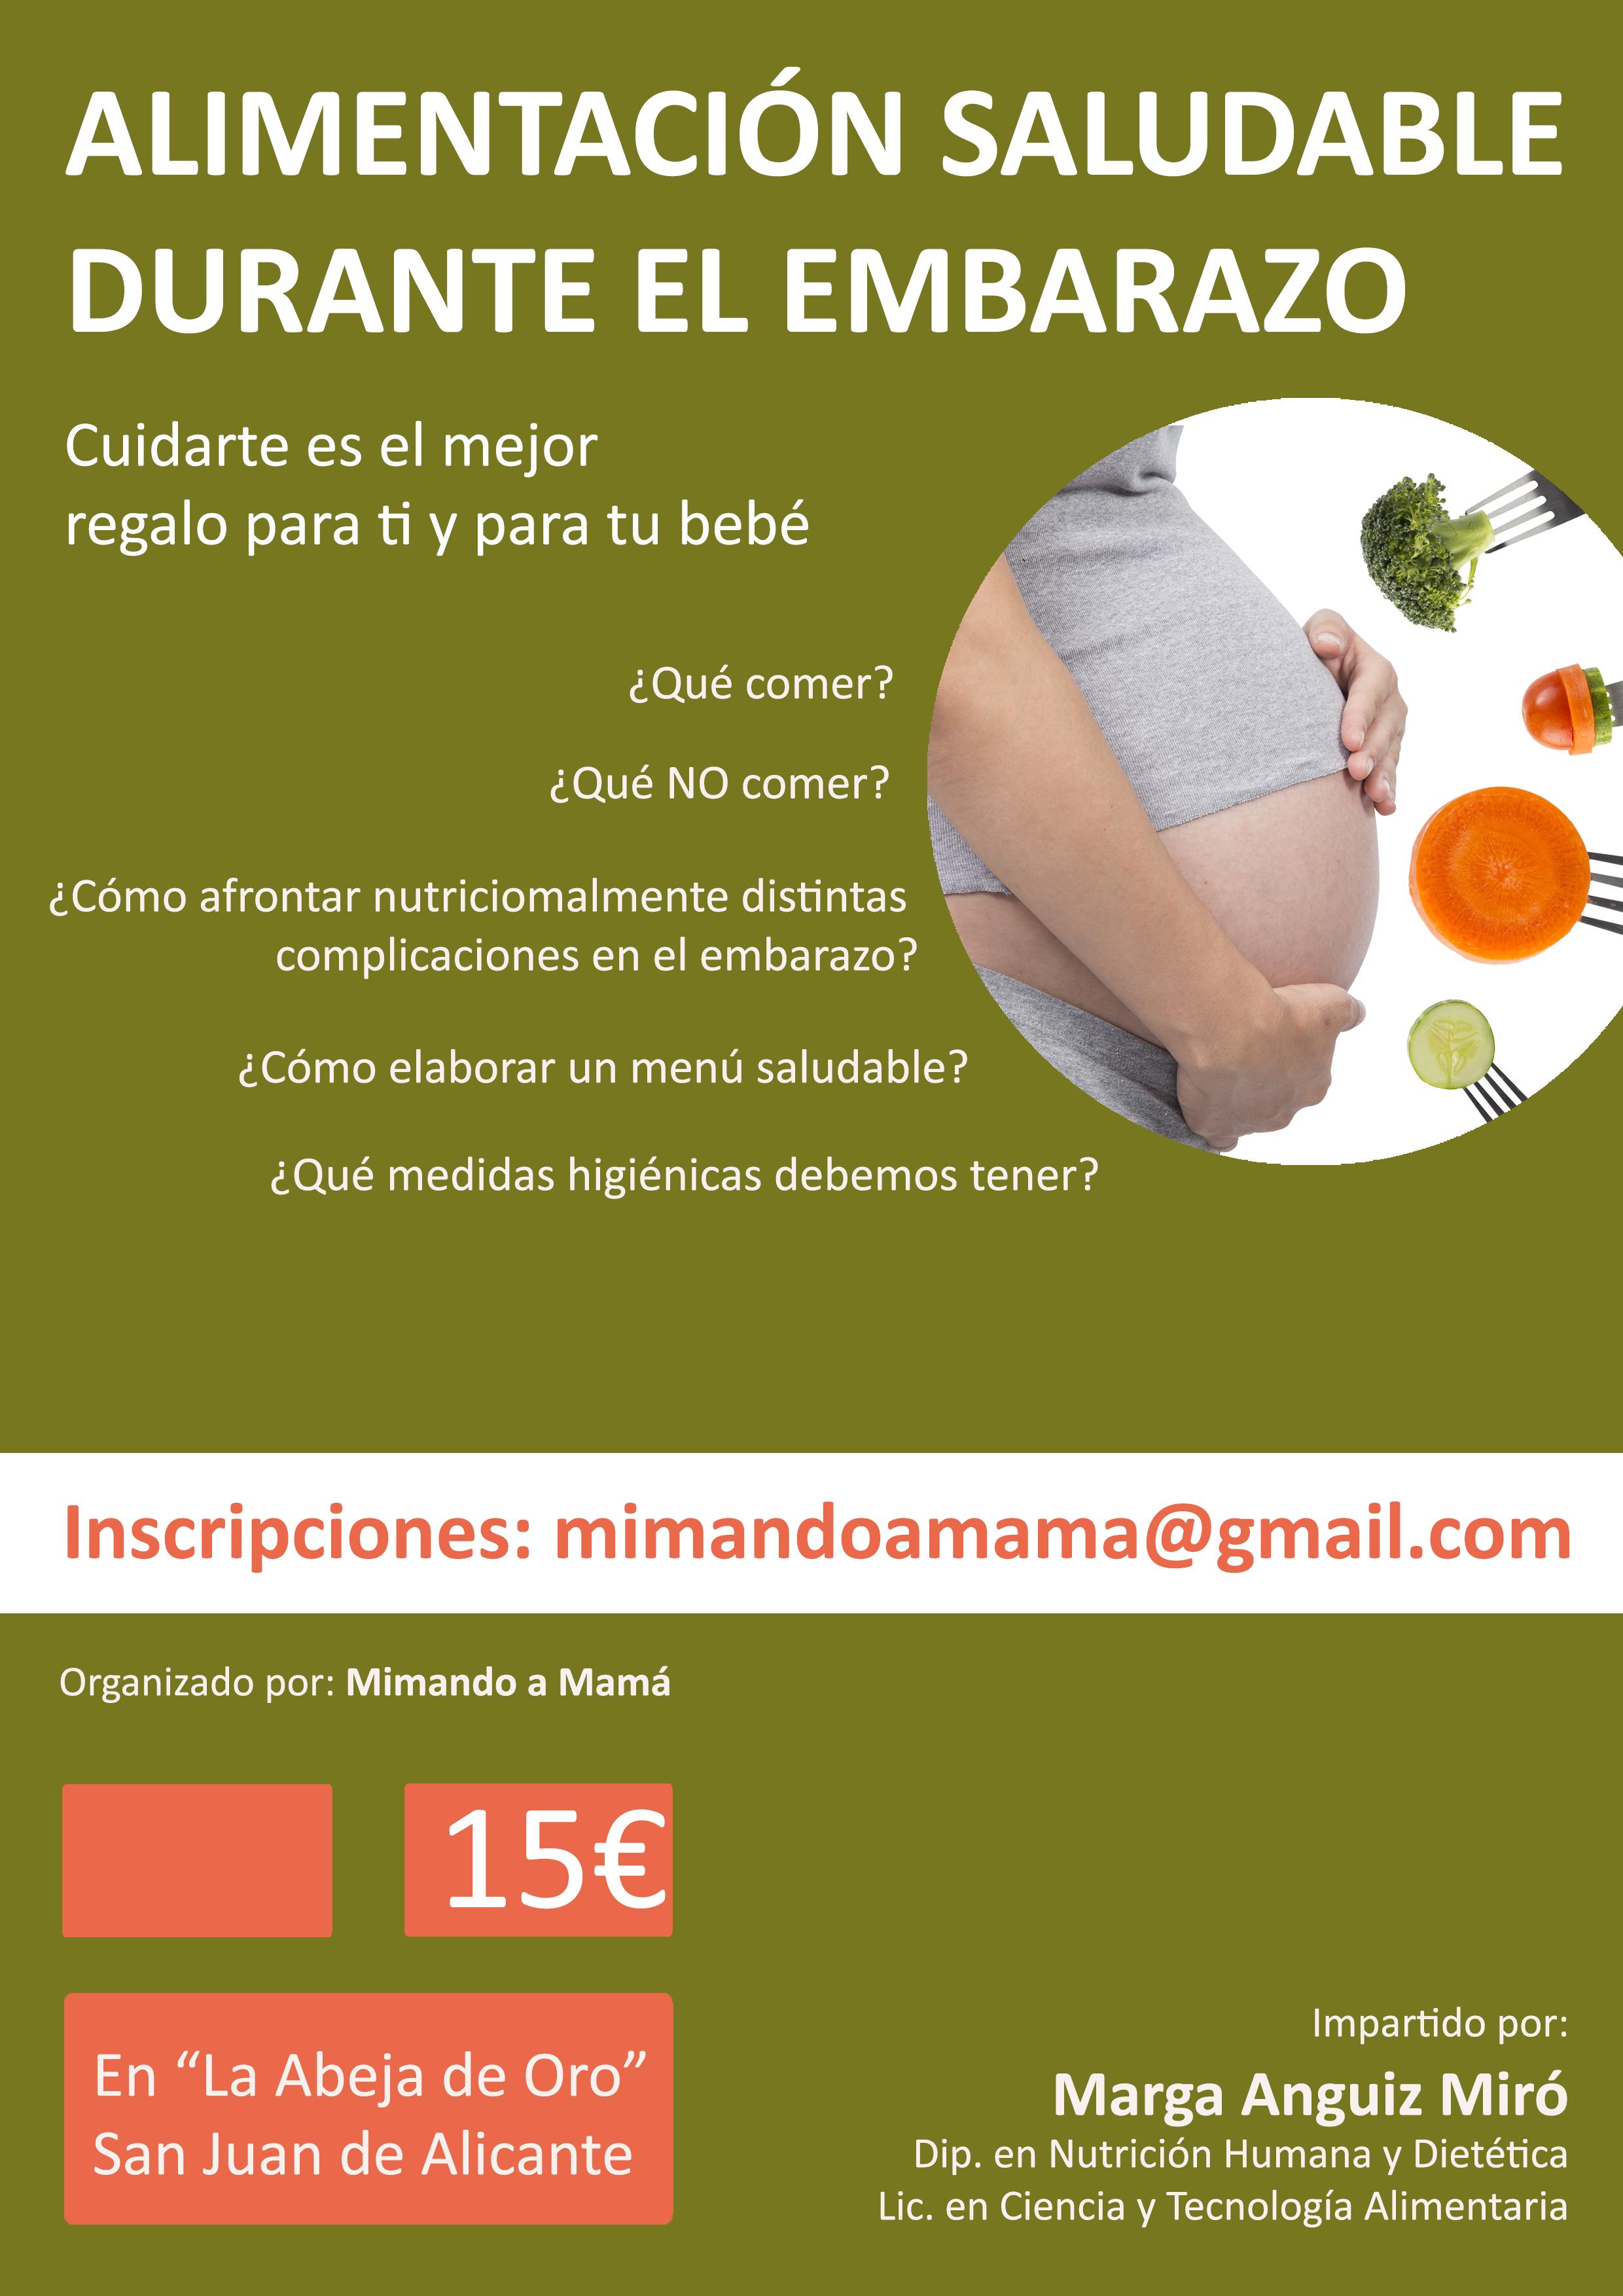 Alimentación Saludable en el Embarazo.